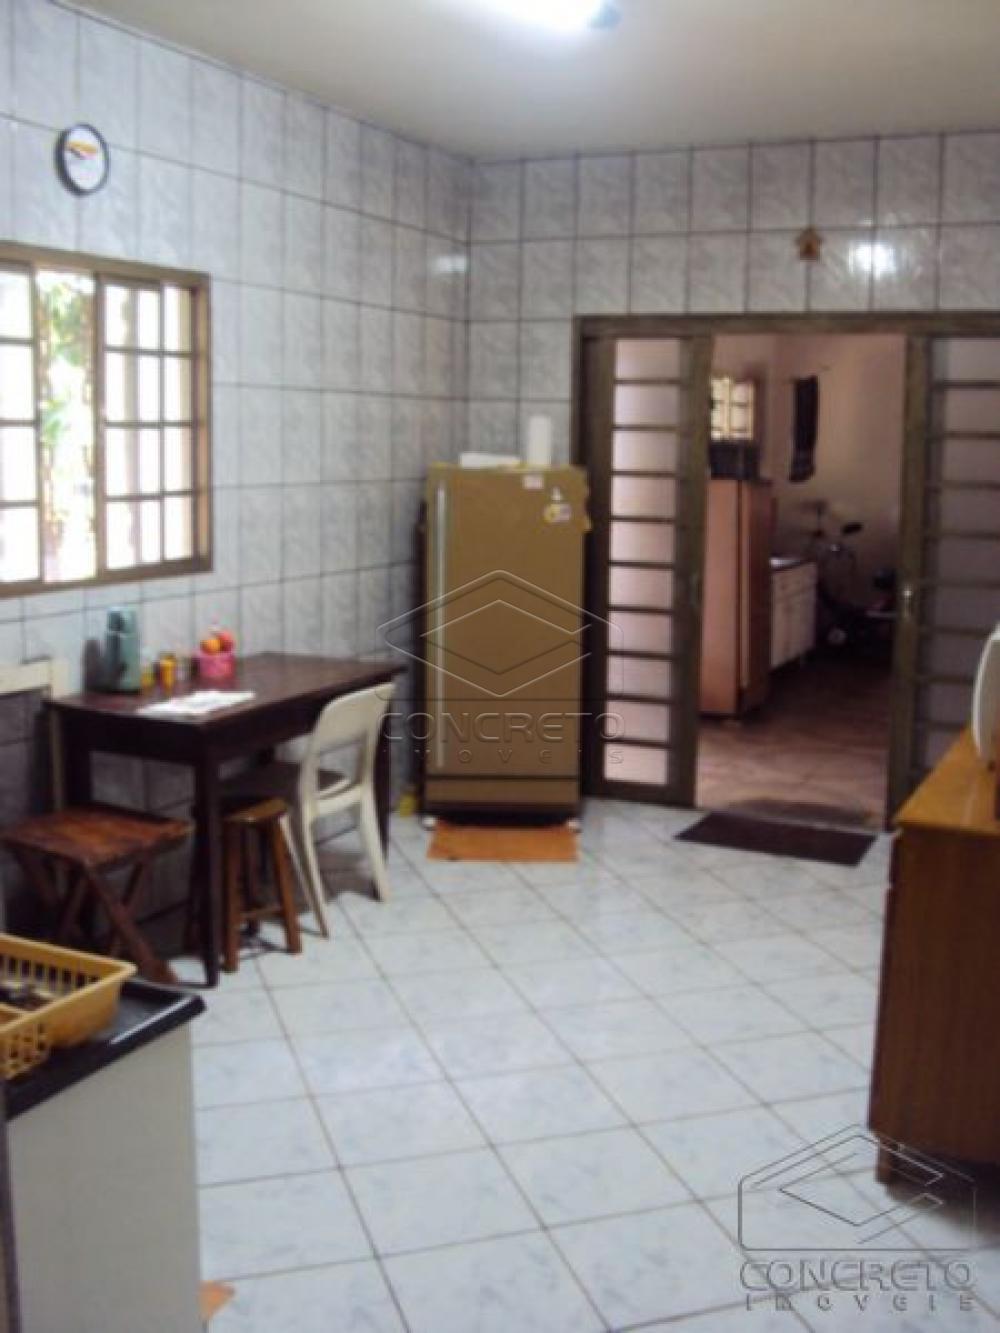 Comprar Rural / Chácara / Fazenda em Lençóis Paulista R$ 330.000,00 - Foto 2